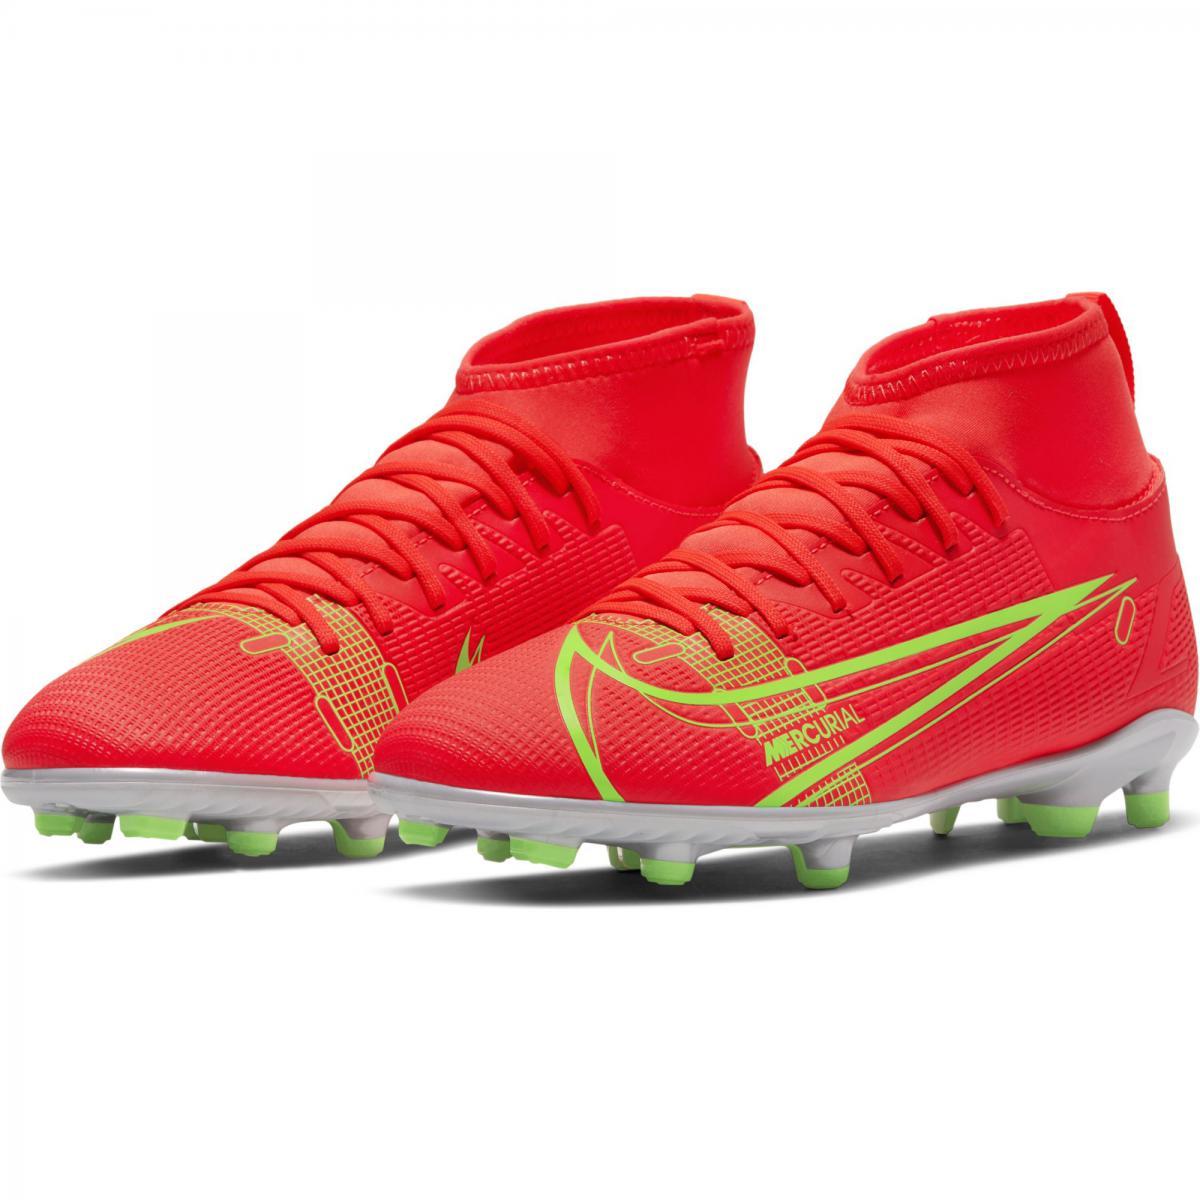 Nike  Jr Superfly 8 Club Fg/Mg, fotballsko